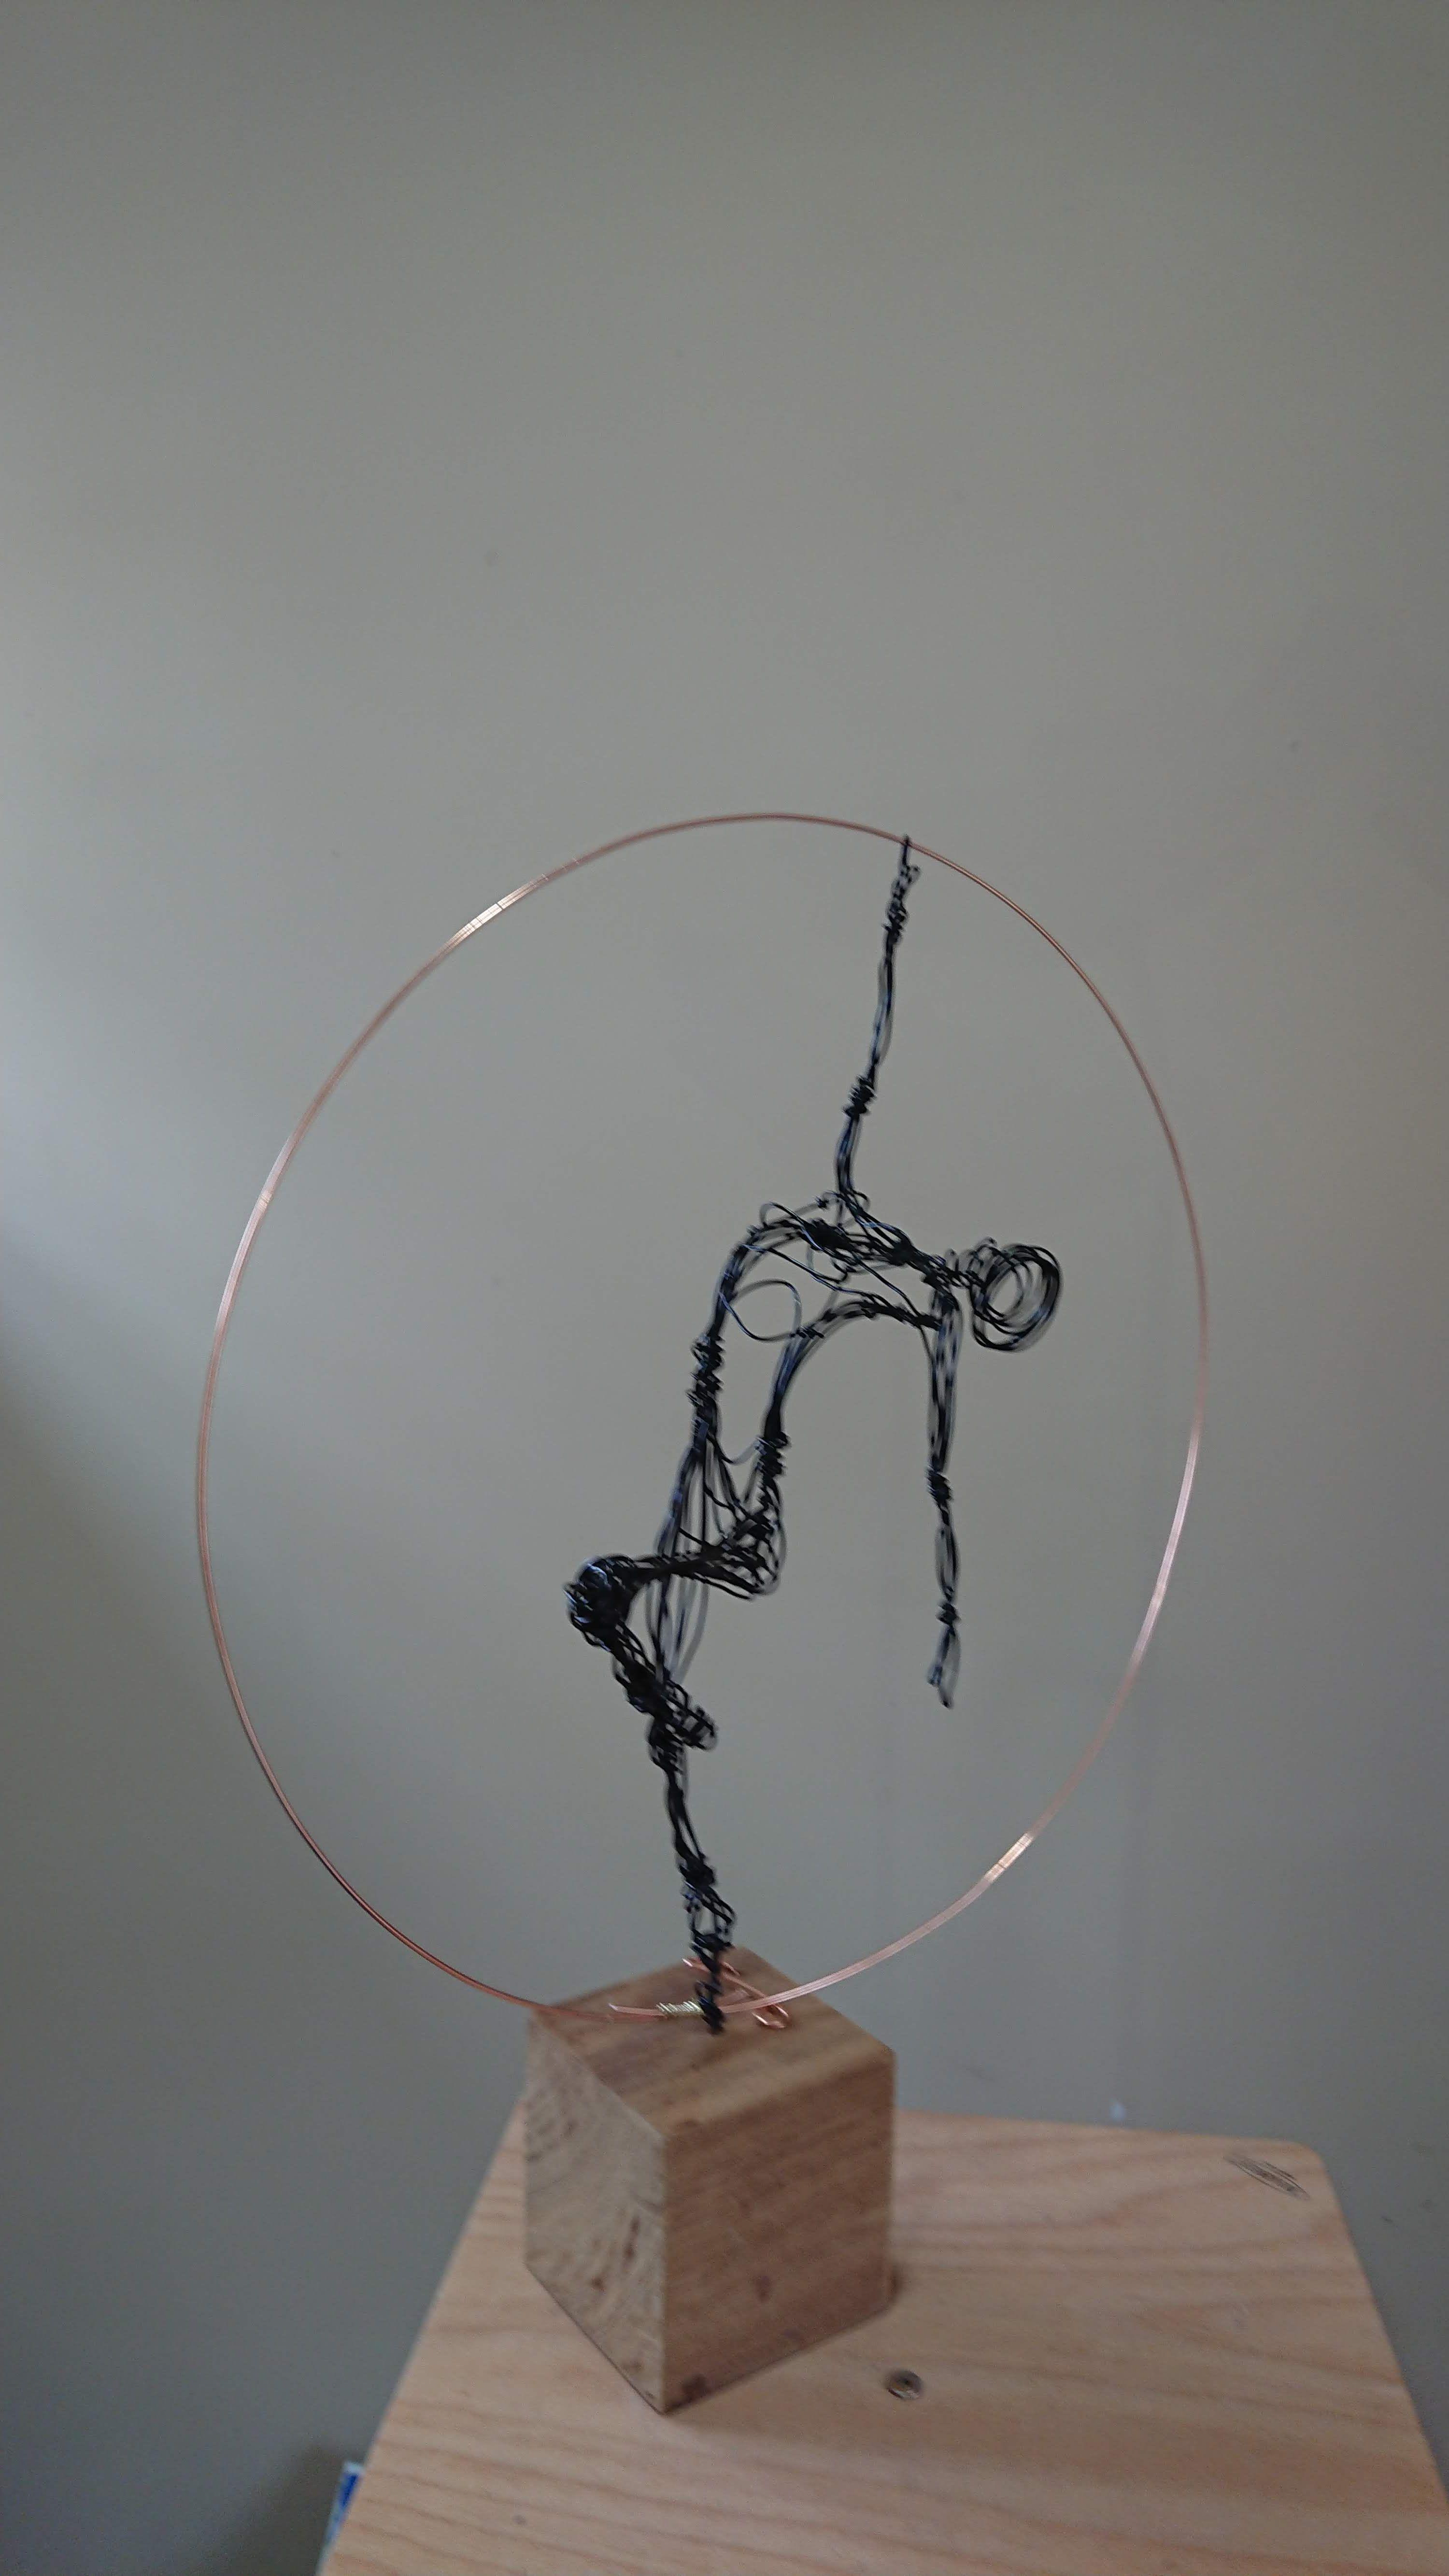 Paul Joyner Sculpture Studio, wire sculpture ballet dancer